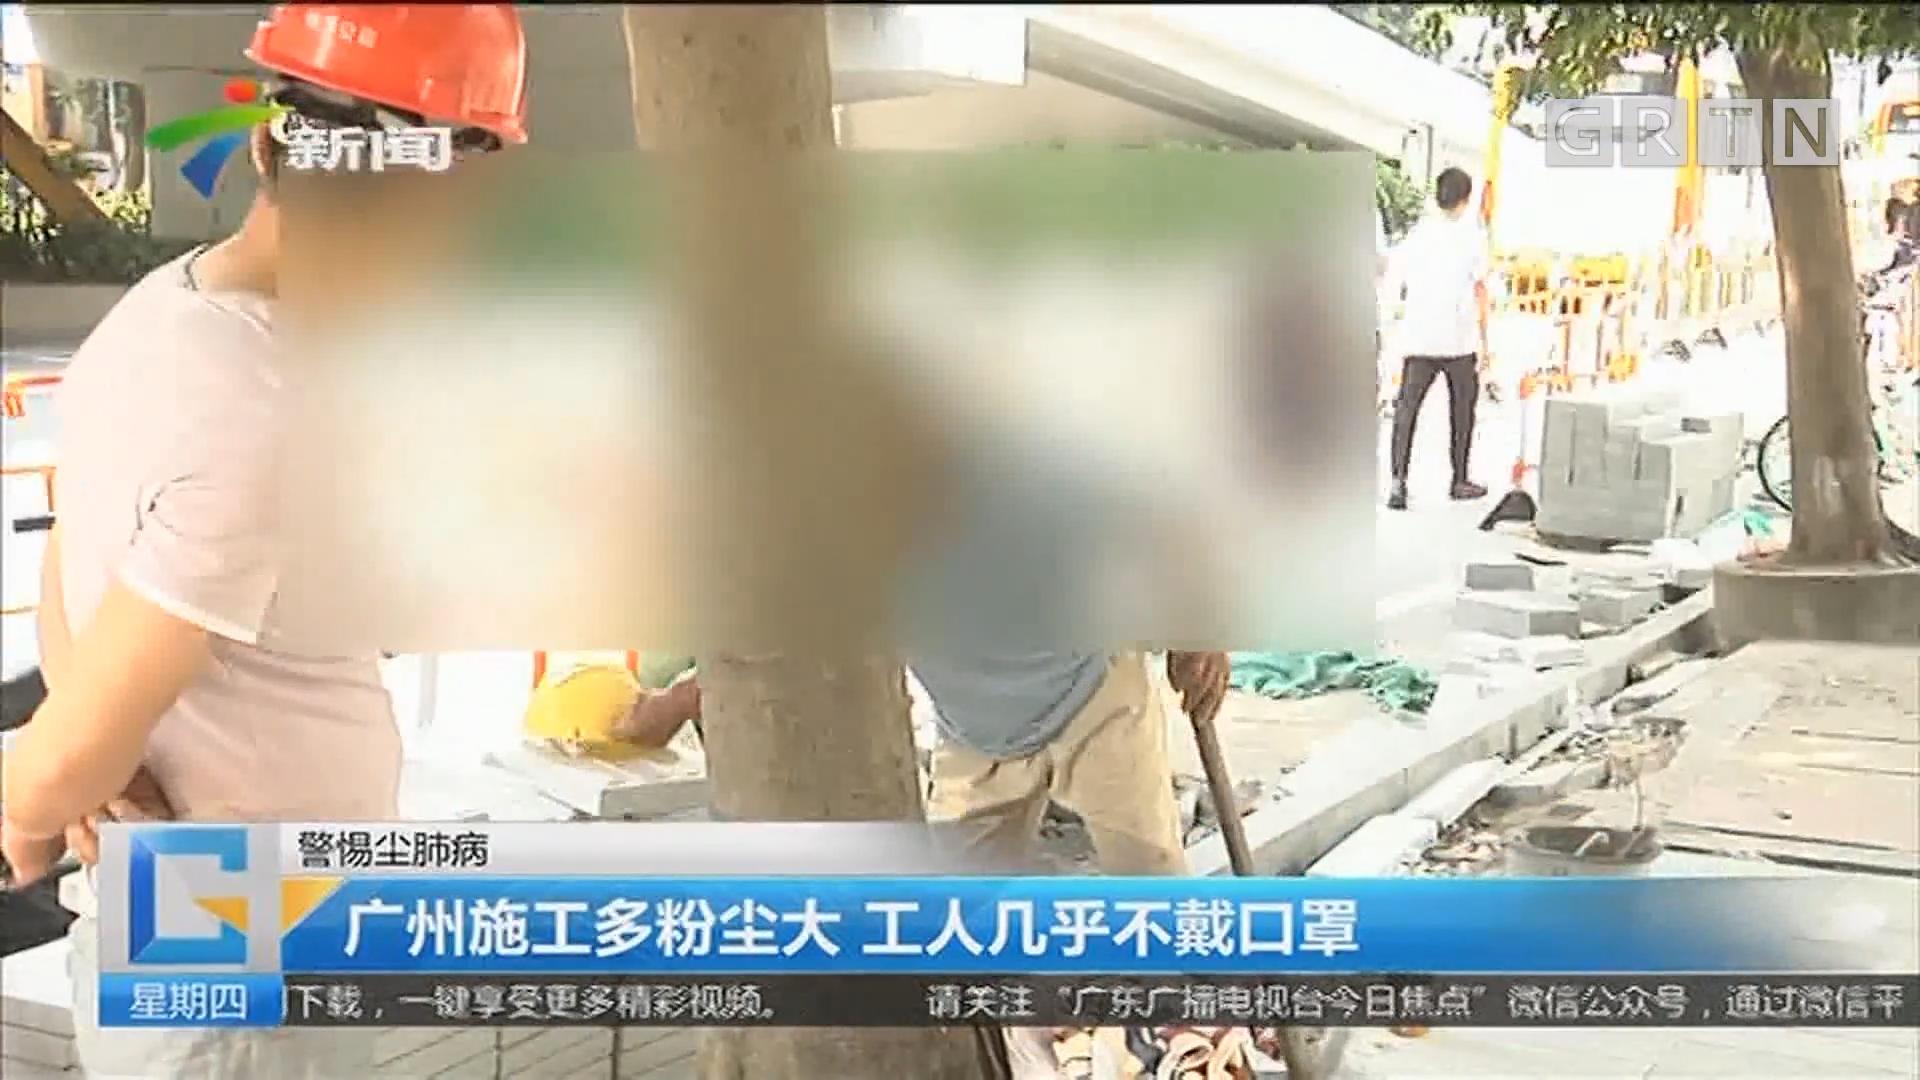 警惕尘肺病:广州施工多粉尘大 工人几乎不戴口罩